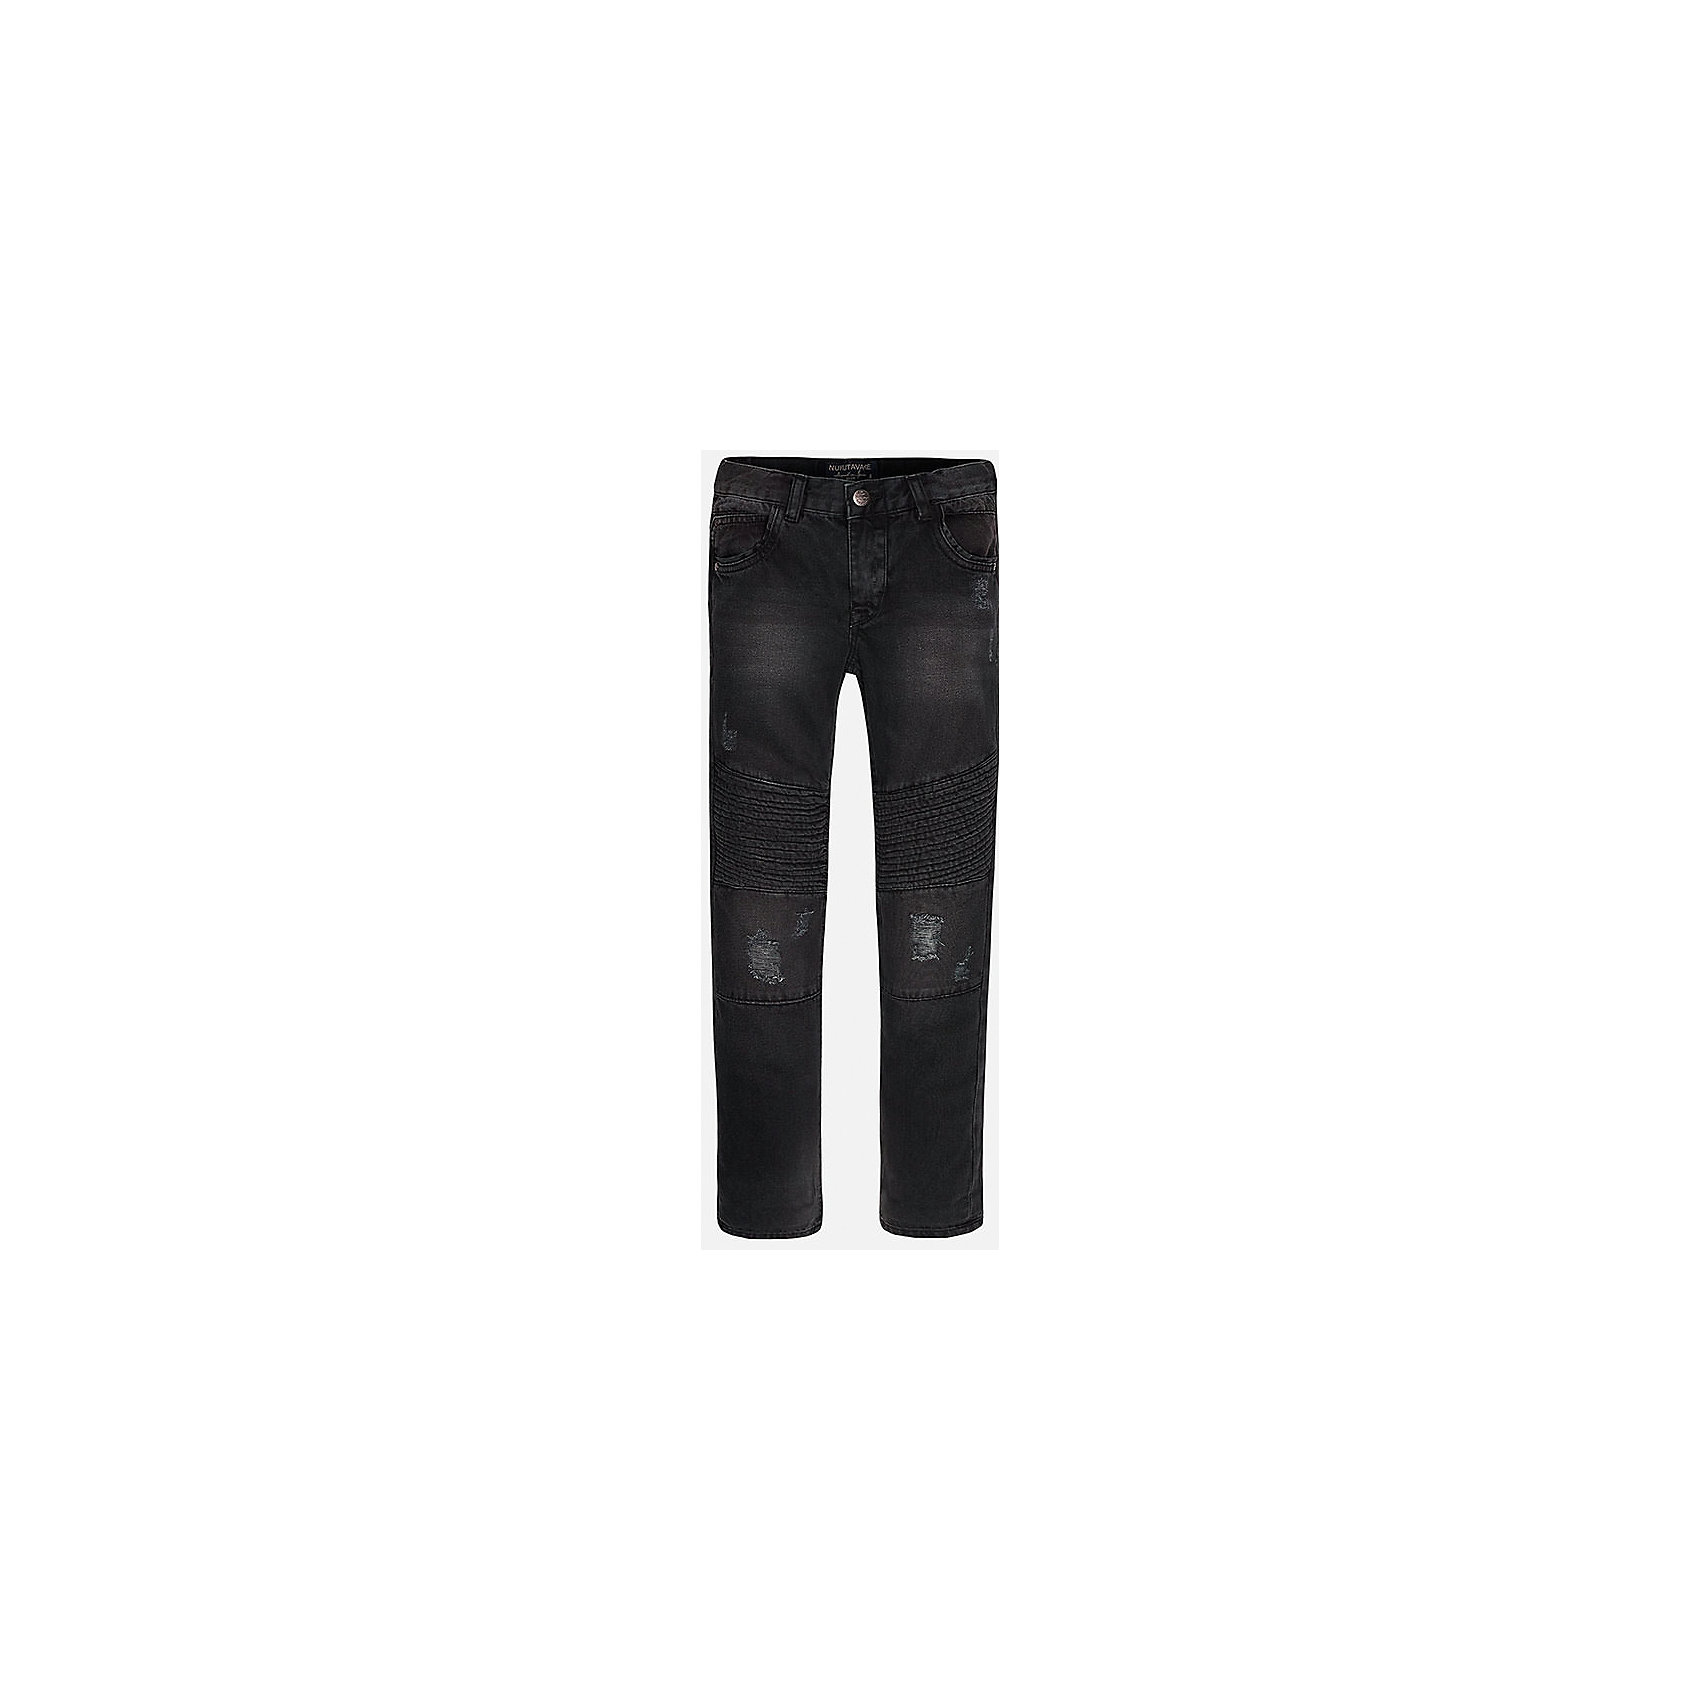 Брюки для мальчика MayoralДжинсы<br>Джинсовые брюки для мальчика от испанской марки Mayoral(Майорал). Изготовлены из качественного хлопка, приятного телу. Есть по 2 кармана спереди и сзади. Оригинальный дизайн с эффектом потертости понравится начинающим модникам!<br><br>Дополнительная информация:<br>Состав: 100% хлопок<br>Цвет: черный<br>Вы можете приобрести брюки для мальчика Mayoral(майорал) в нашем интернет-магазине.<br><br>Ширина мм: 215<br>Глубина мм: 88<br>Высота мм: 191<br>Вес г: 336<br>Цвет: черный<br>Возраст от месяцев: 156<br>Возраст до месяцев: 168<br>Пол: Мужской<br>Возраст: Детский<br>Размер: 158/164,152/158,146/152,140/146,128/134,164/170<br>SKU: 4827190